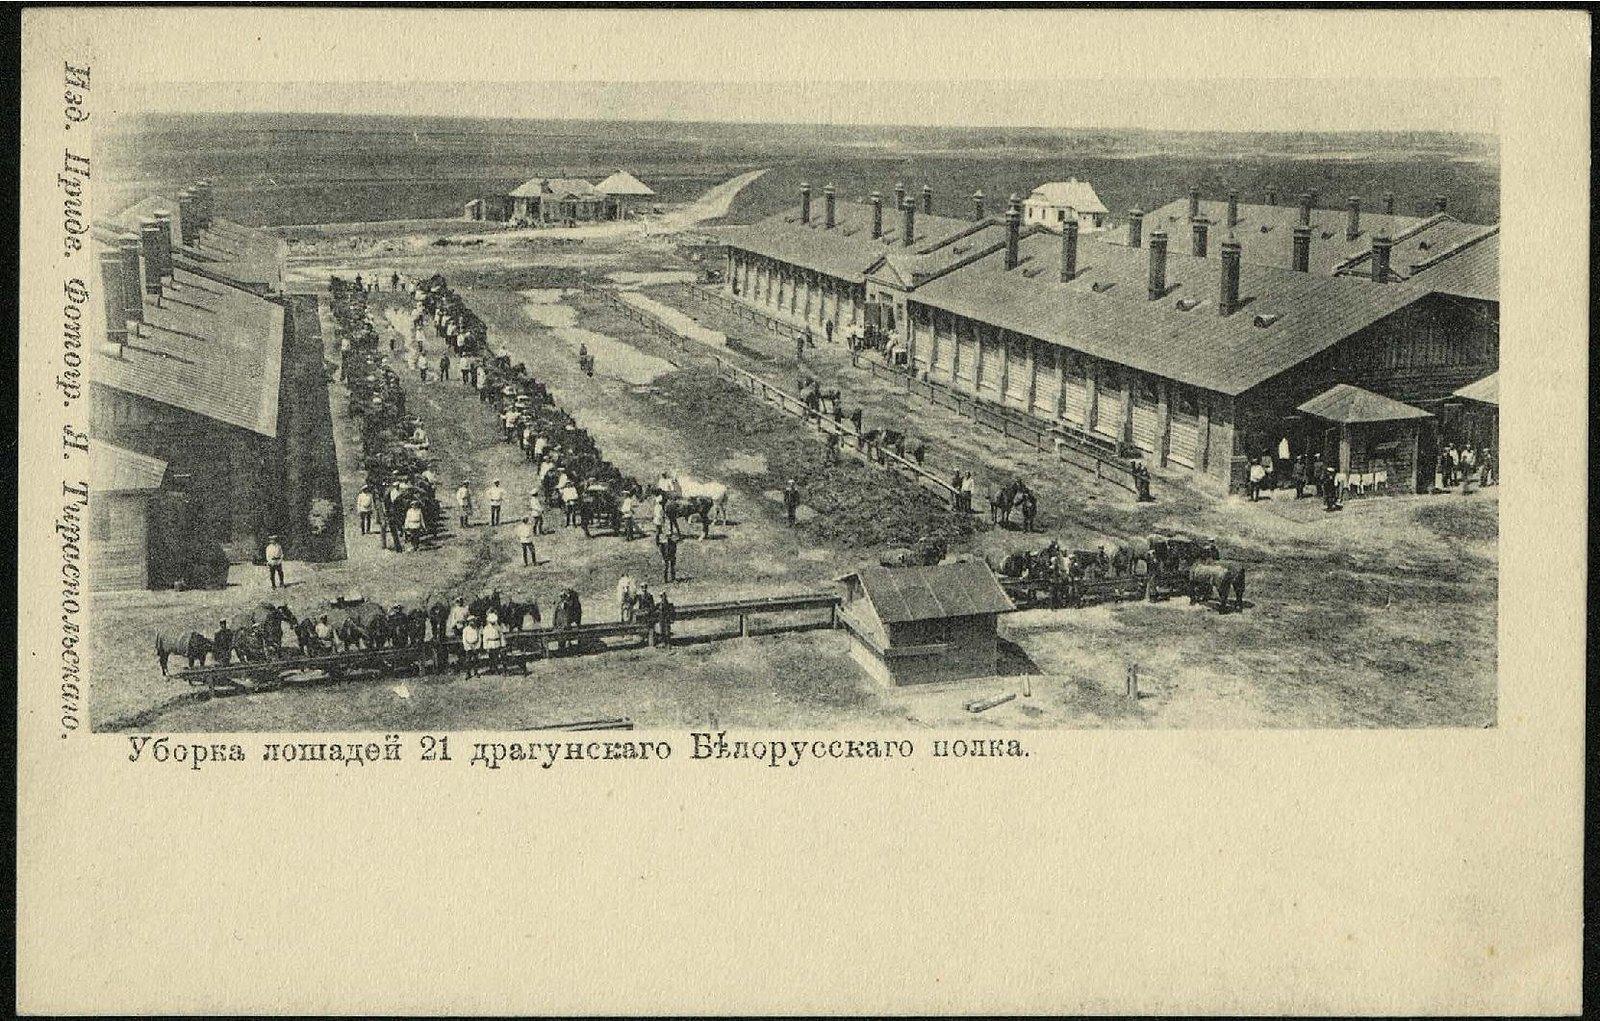 Уборка лошадей 21 драгунского Белорусского полка